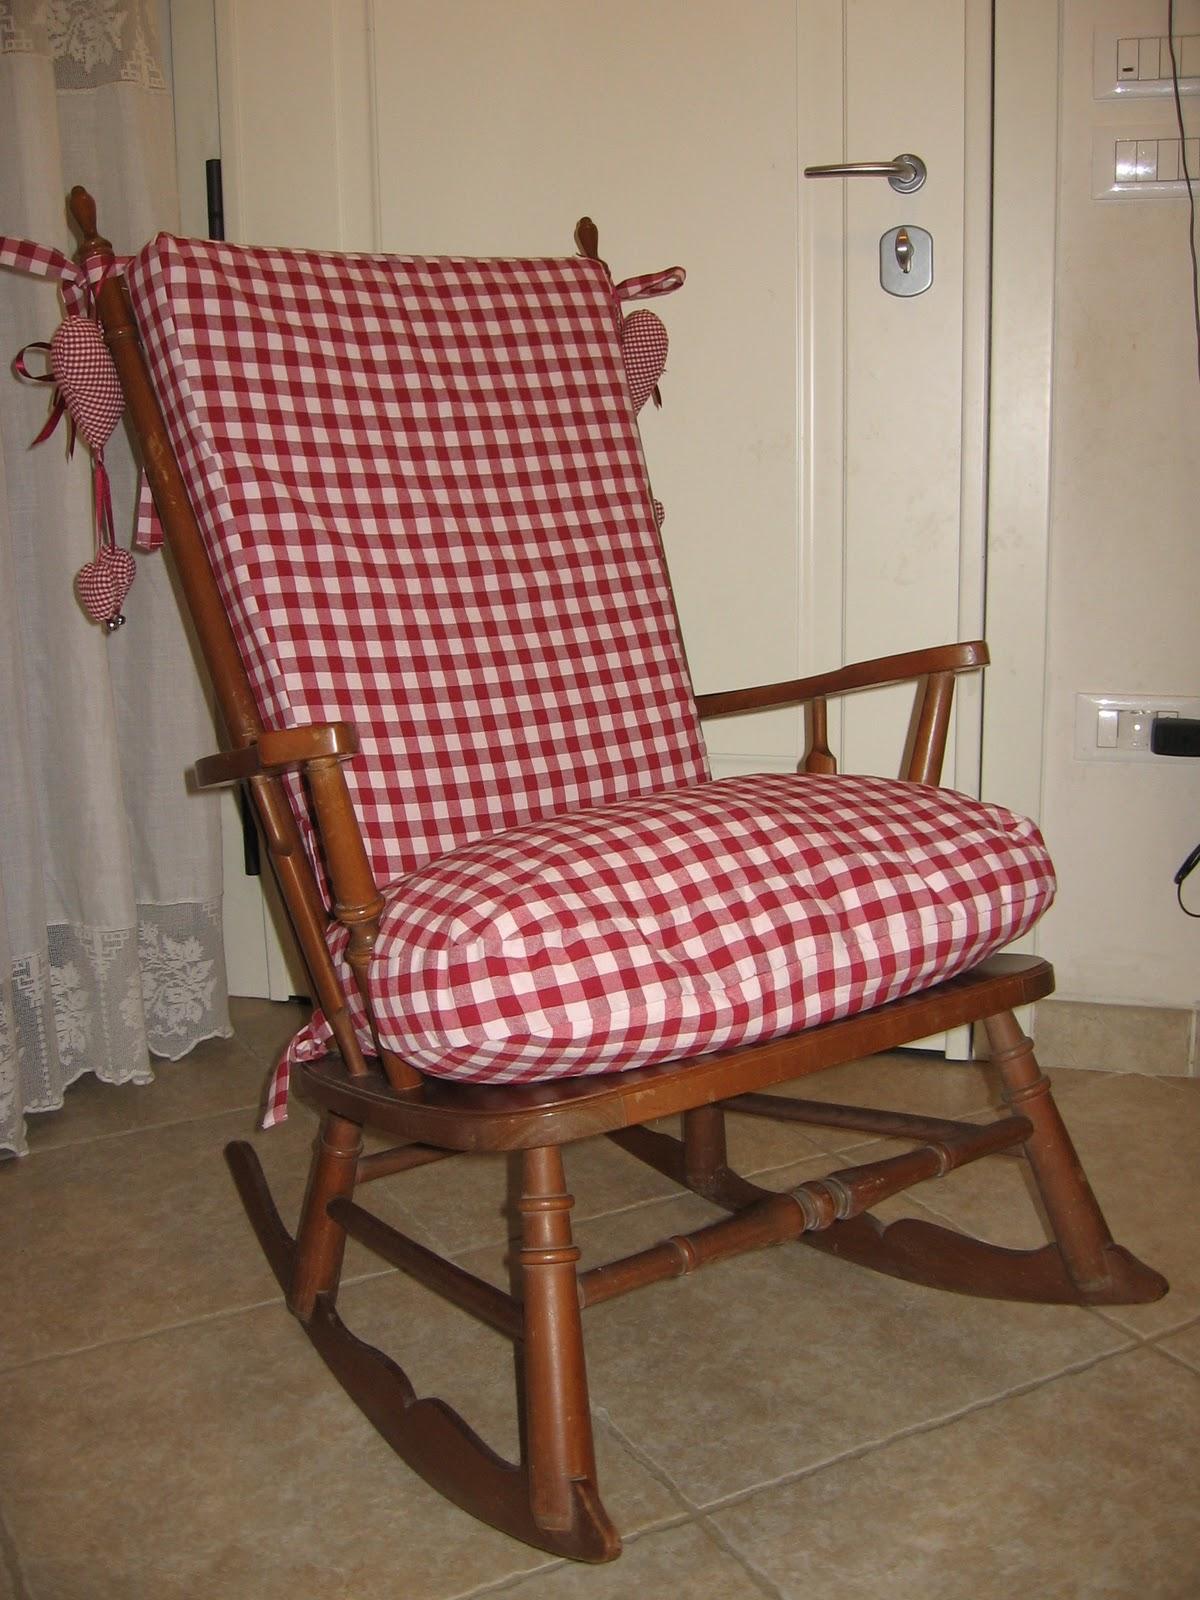 Casa francesca un nuovo vestito per la mia sedia a dondolo - La sedia a dondolo ...